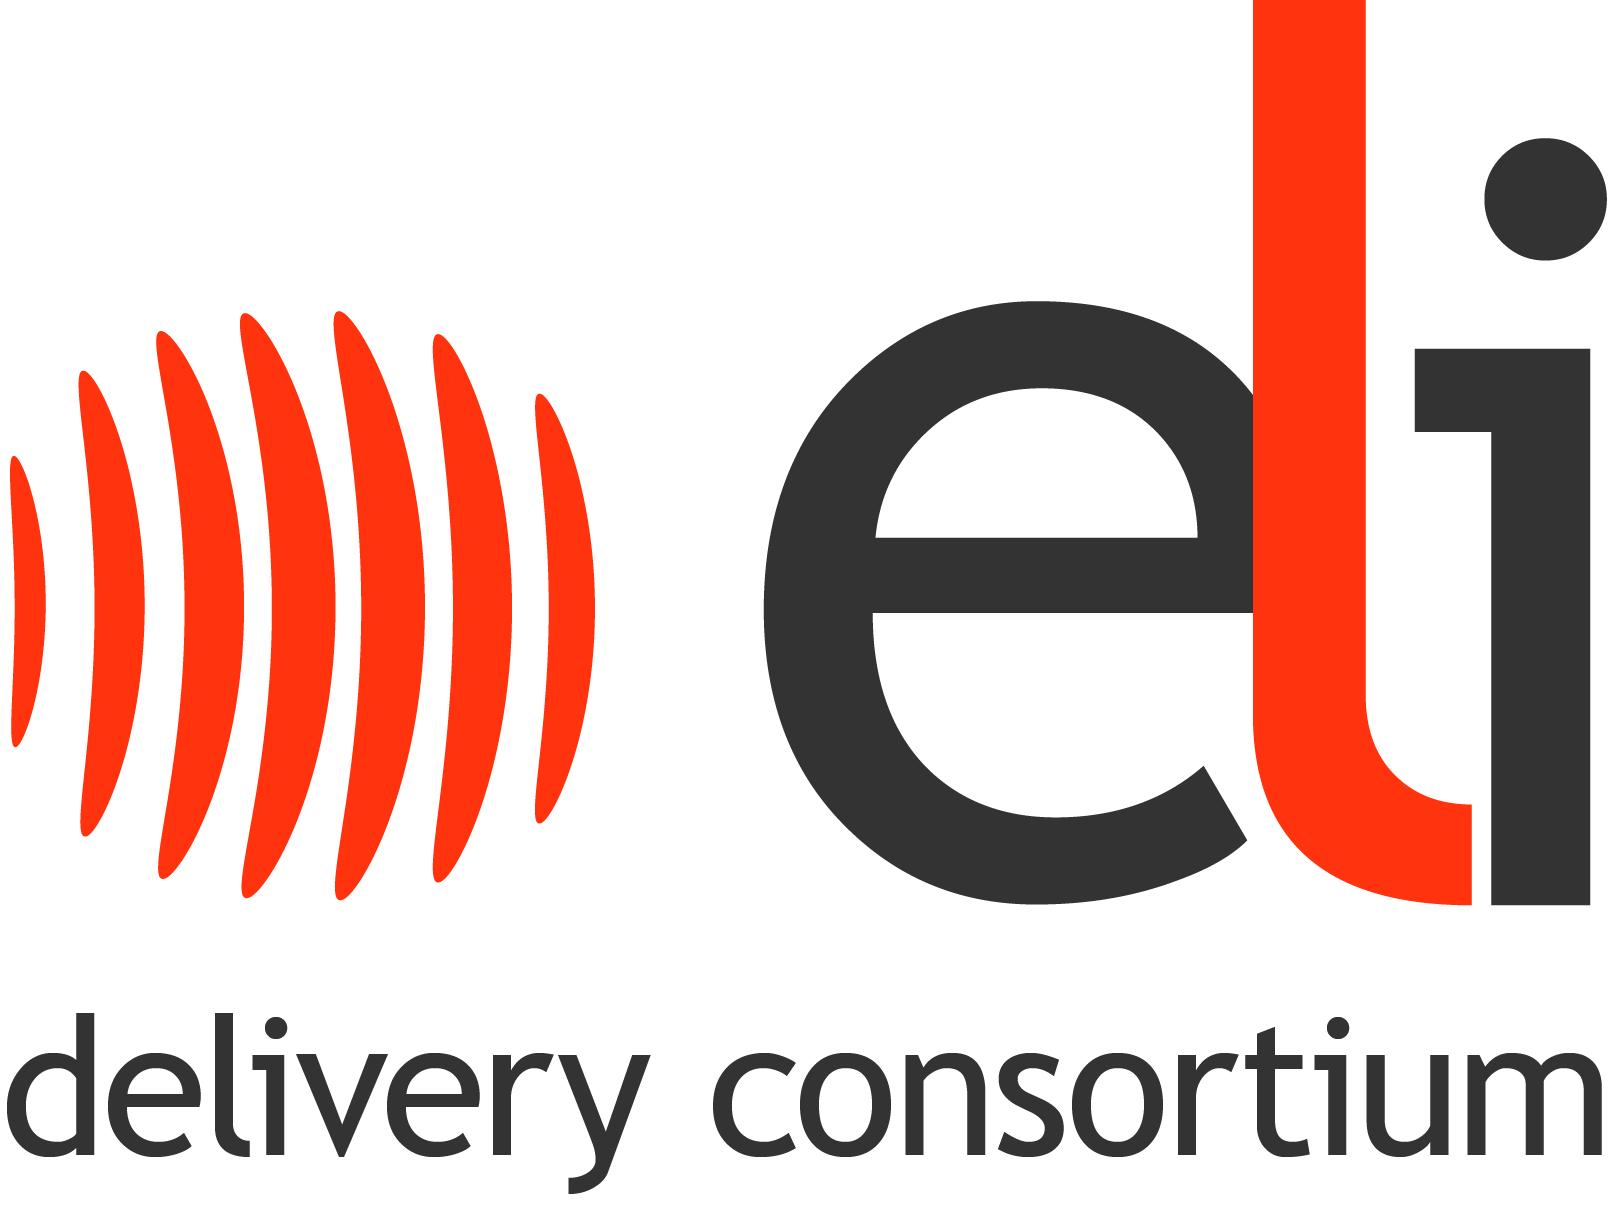 ELI_delivery consortium_cmyk